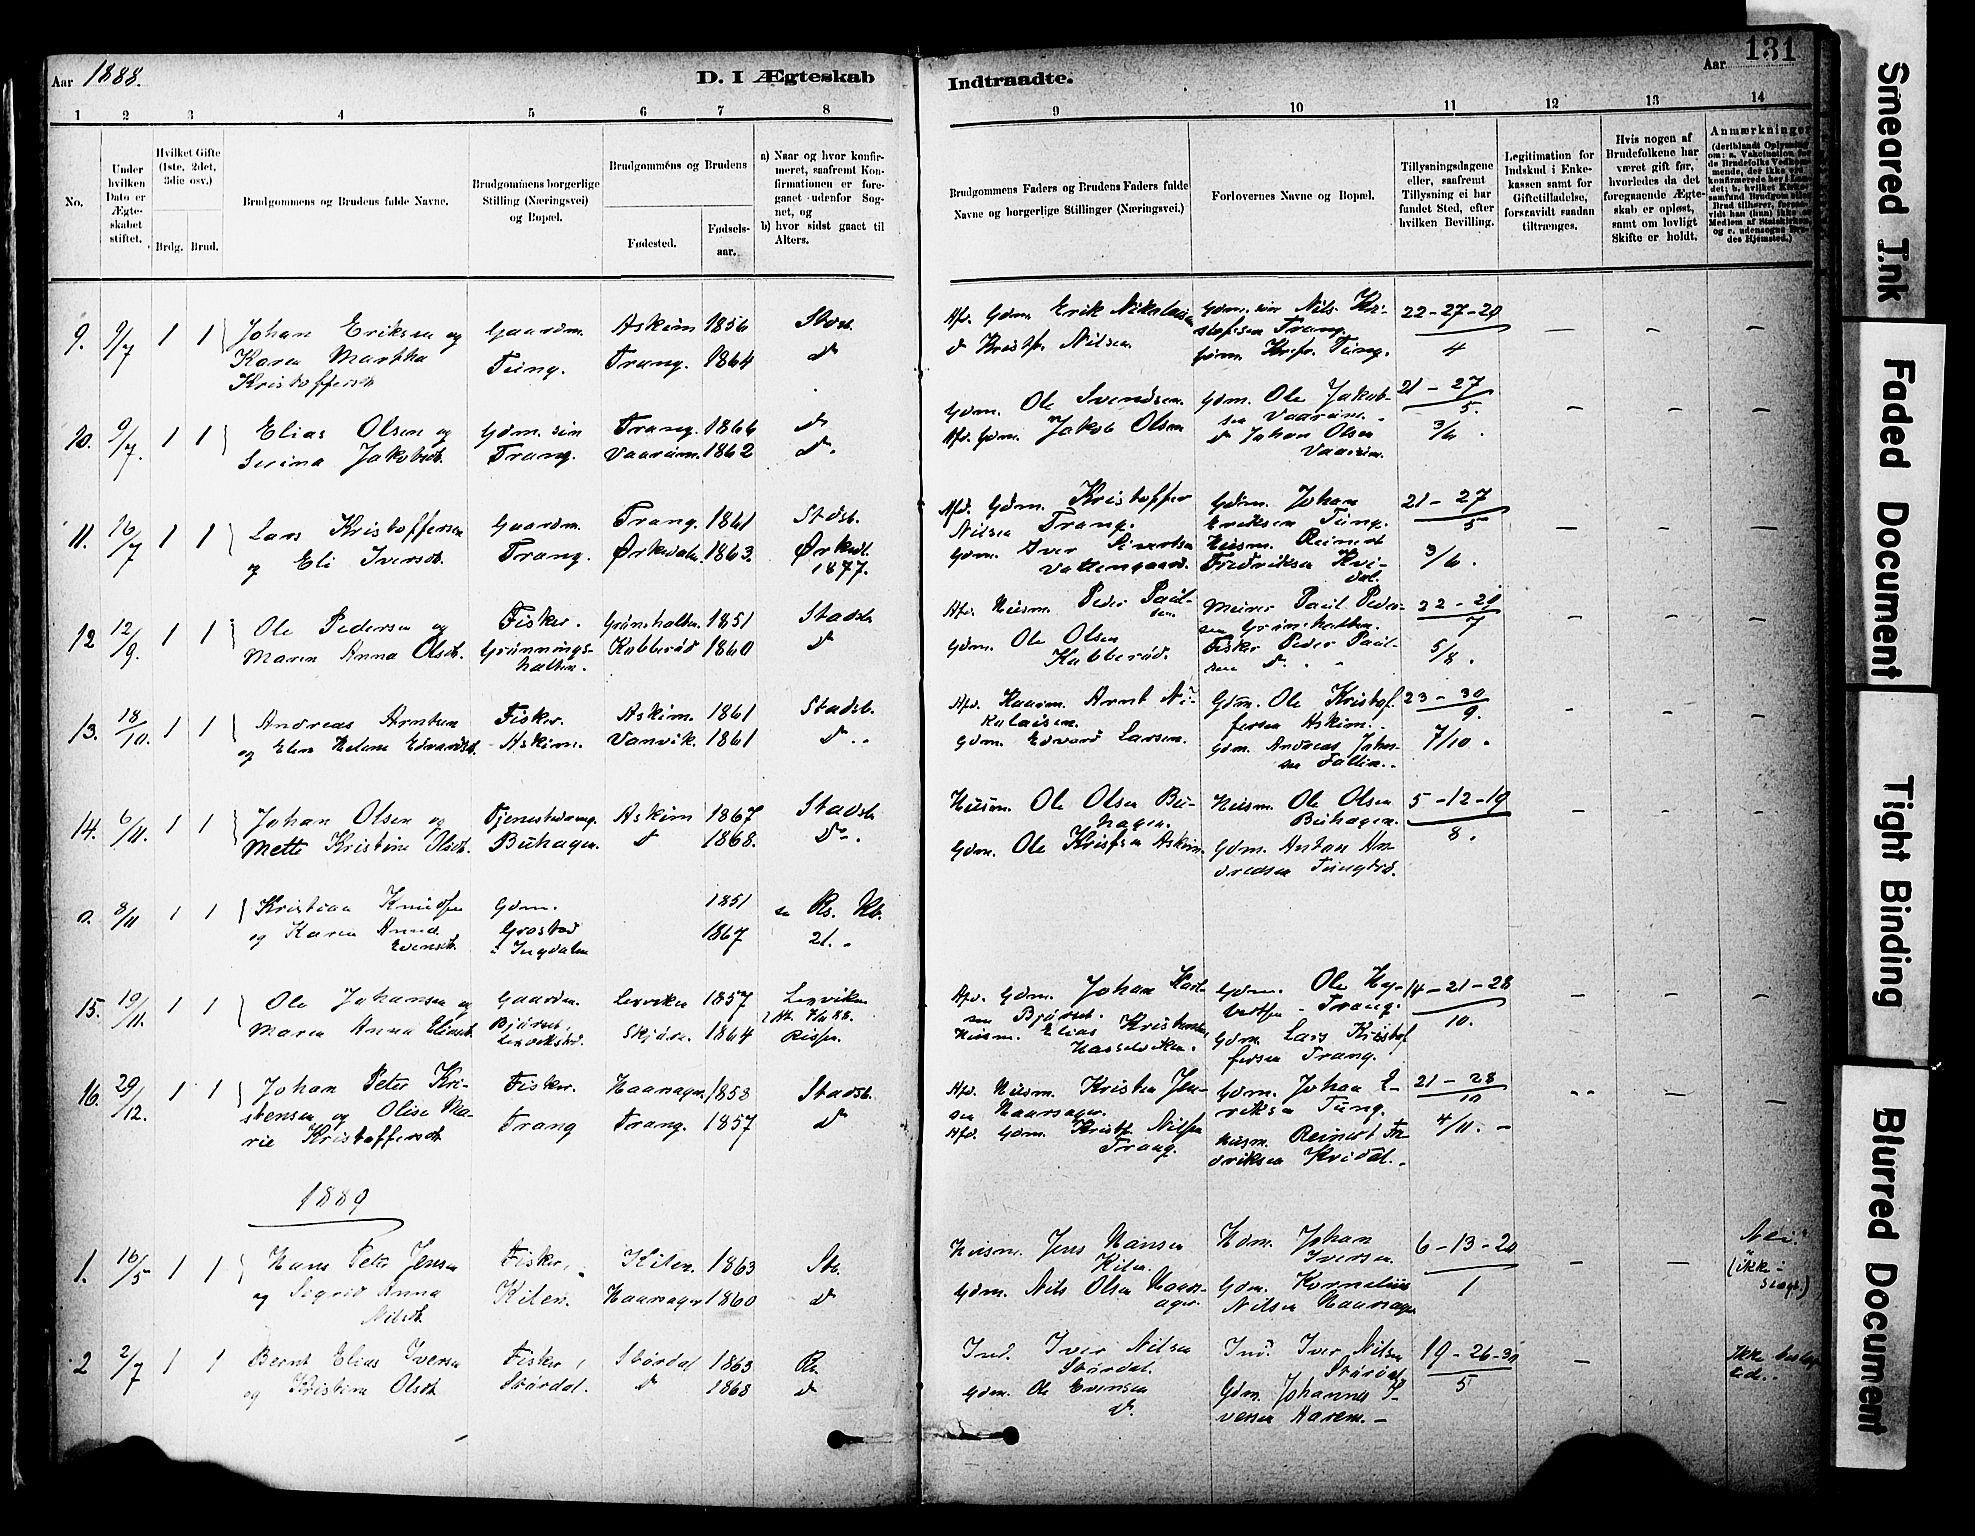 SAT, Ministerialprotokoller, klokkerbøker og fødselsregistre - Sør-Trøndelag, 646/L0615: Ministerialbok nr. 646A13, 1885-1900, s. 131